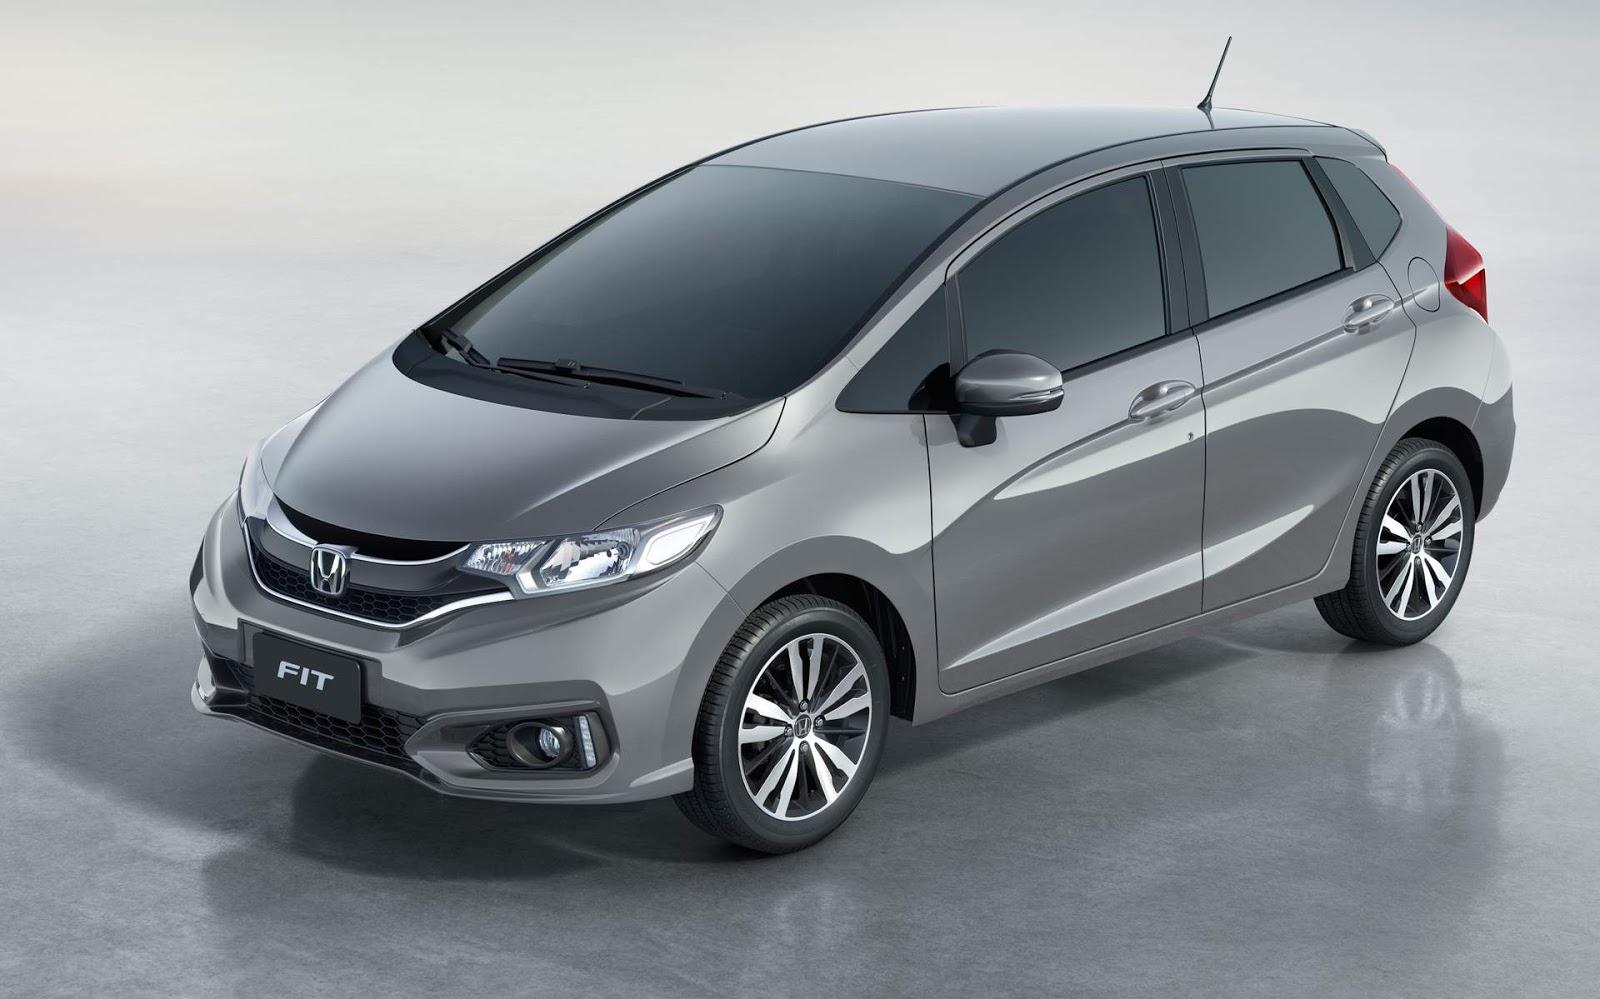 Novo honda fit 2018 fotos pre os e detalhes lan amento for Honda fit 0 60